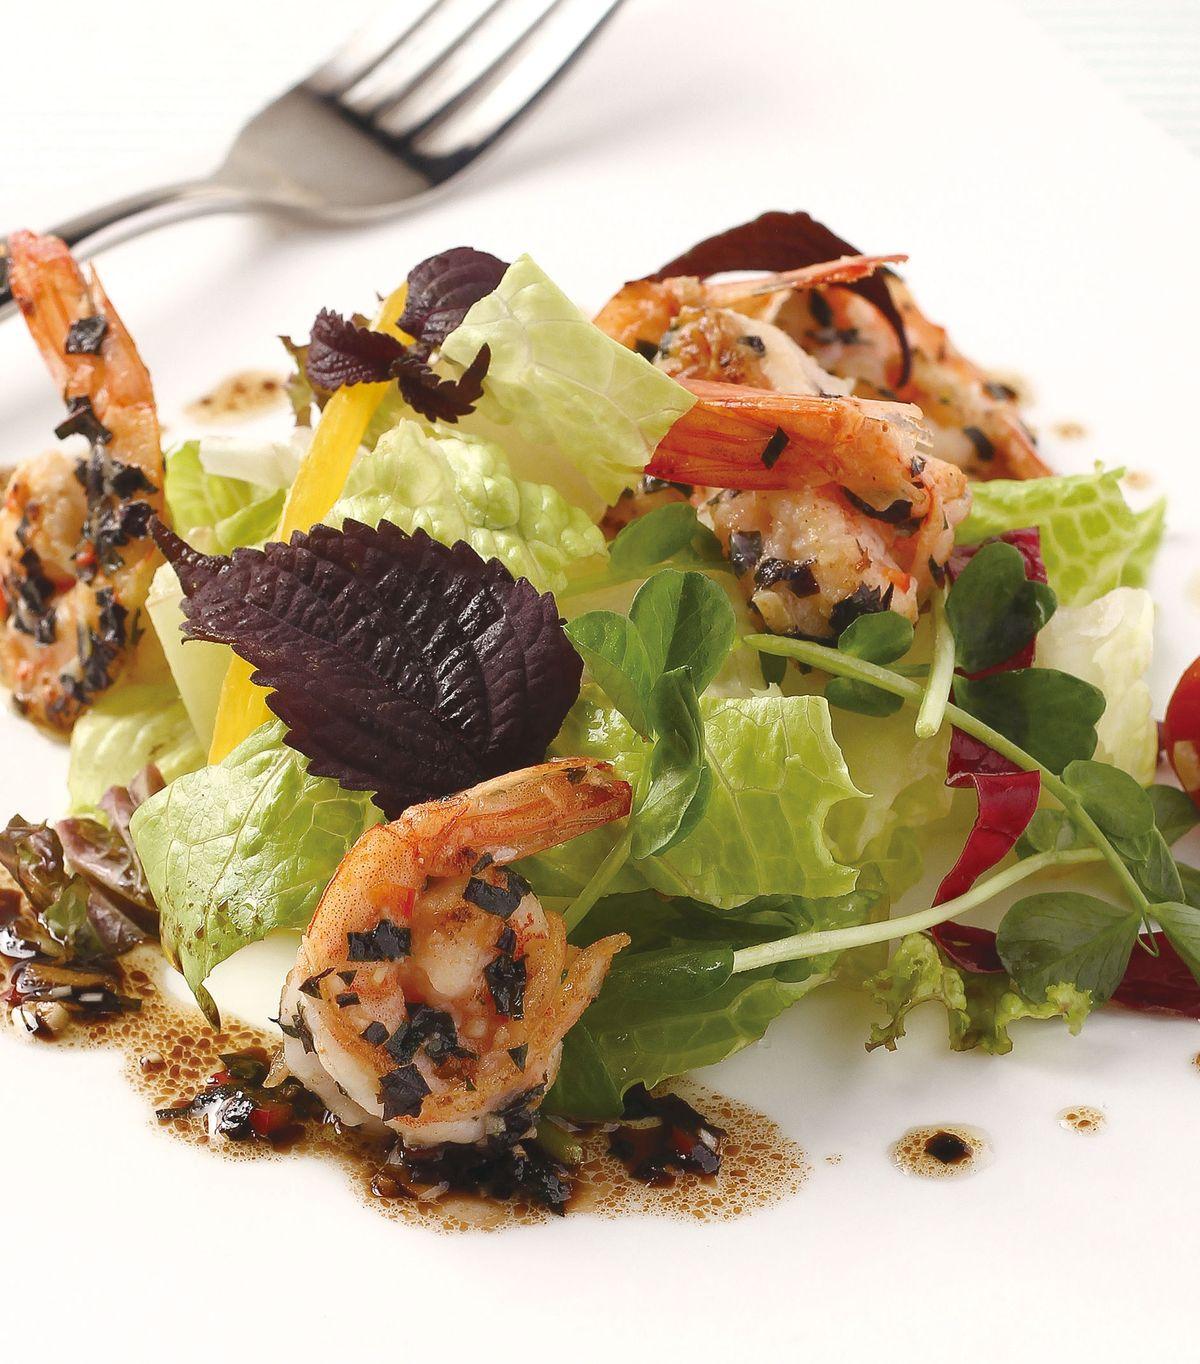 食譜:炙烤紫蘇鮮蝦沙拉